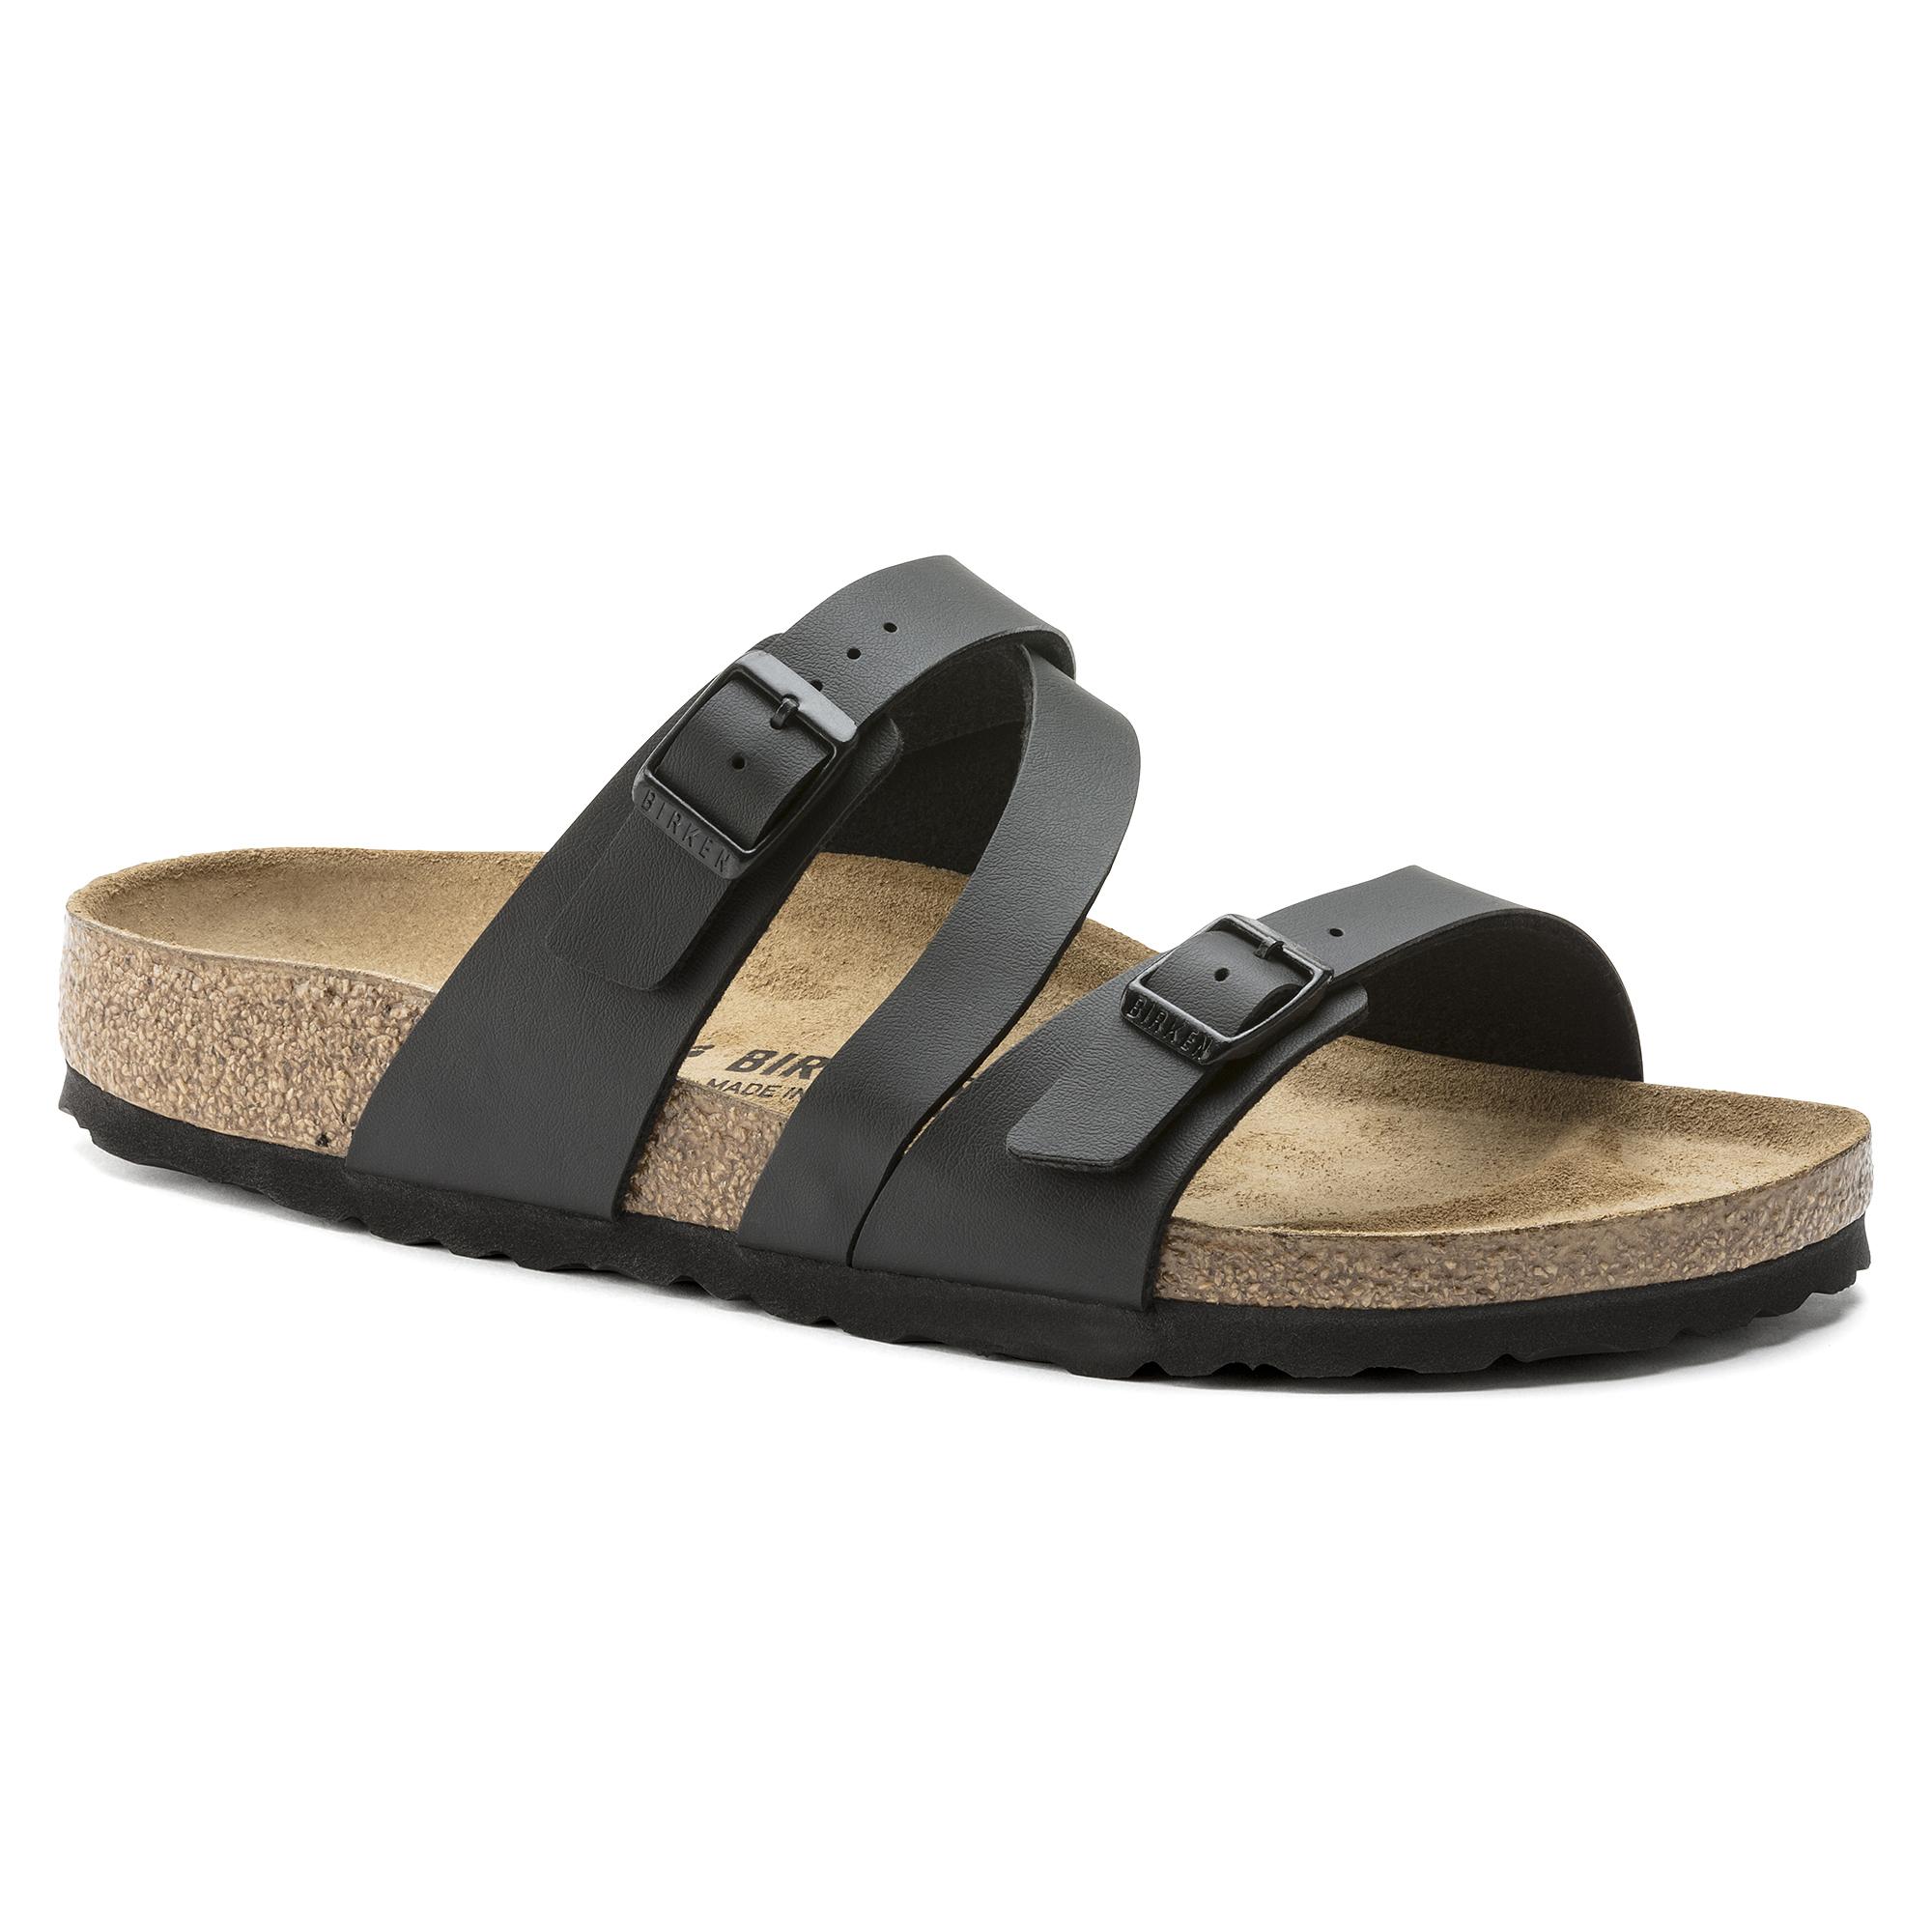 Birkenstock Salina Women's Casual Cross strap Sandal